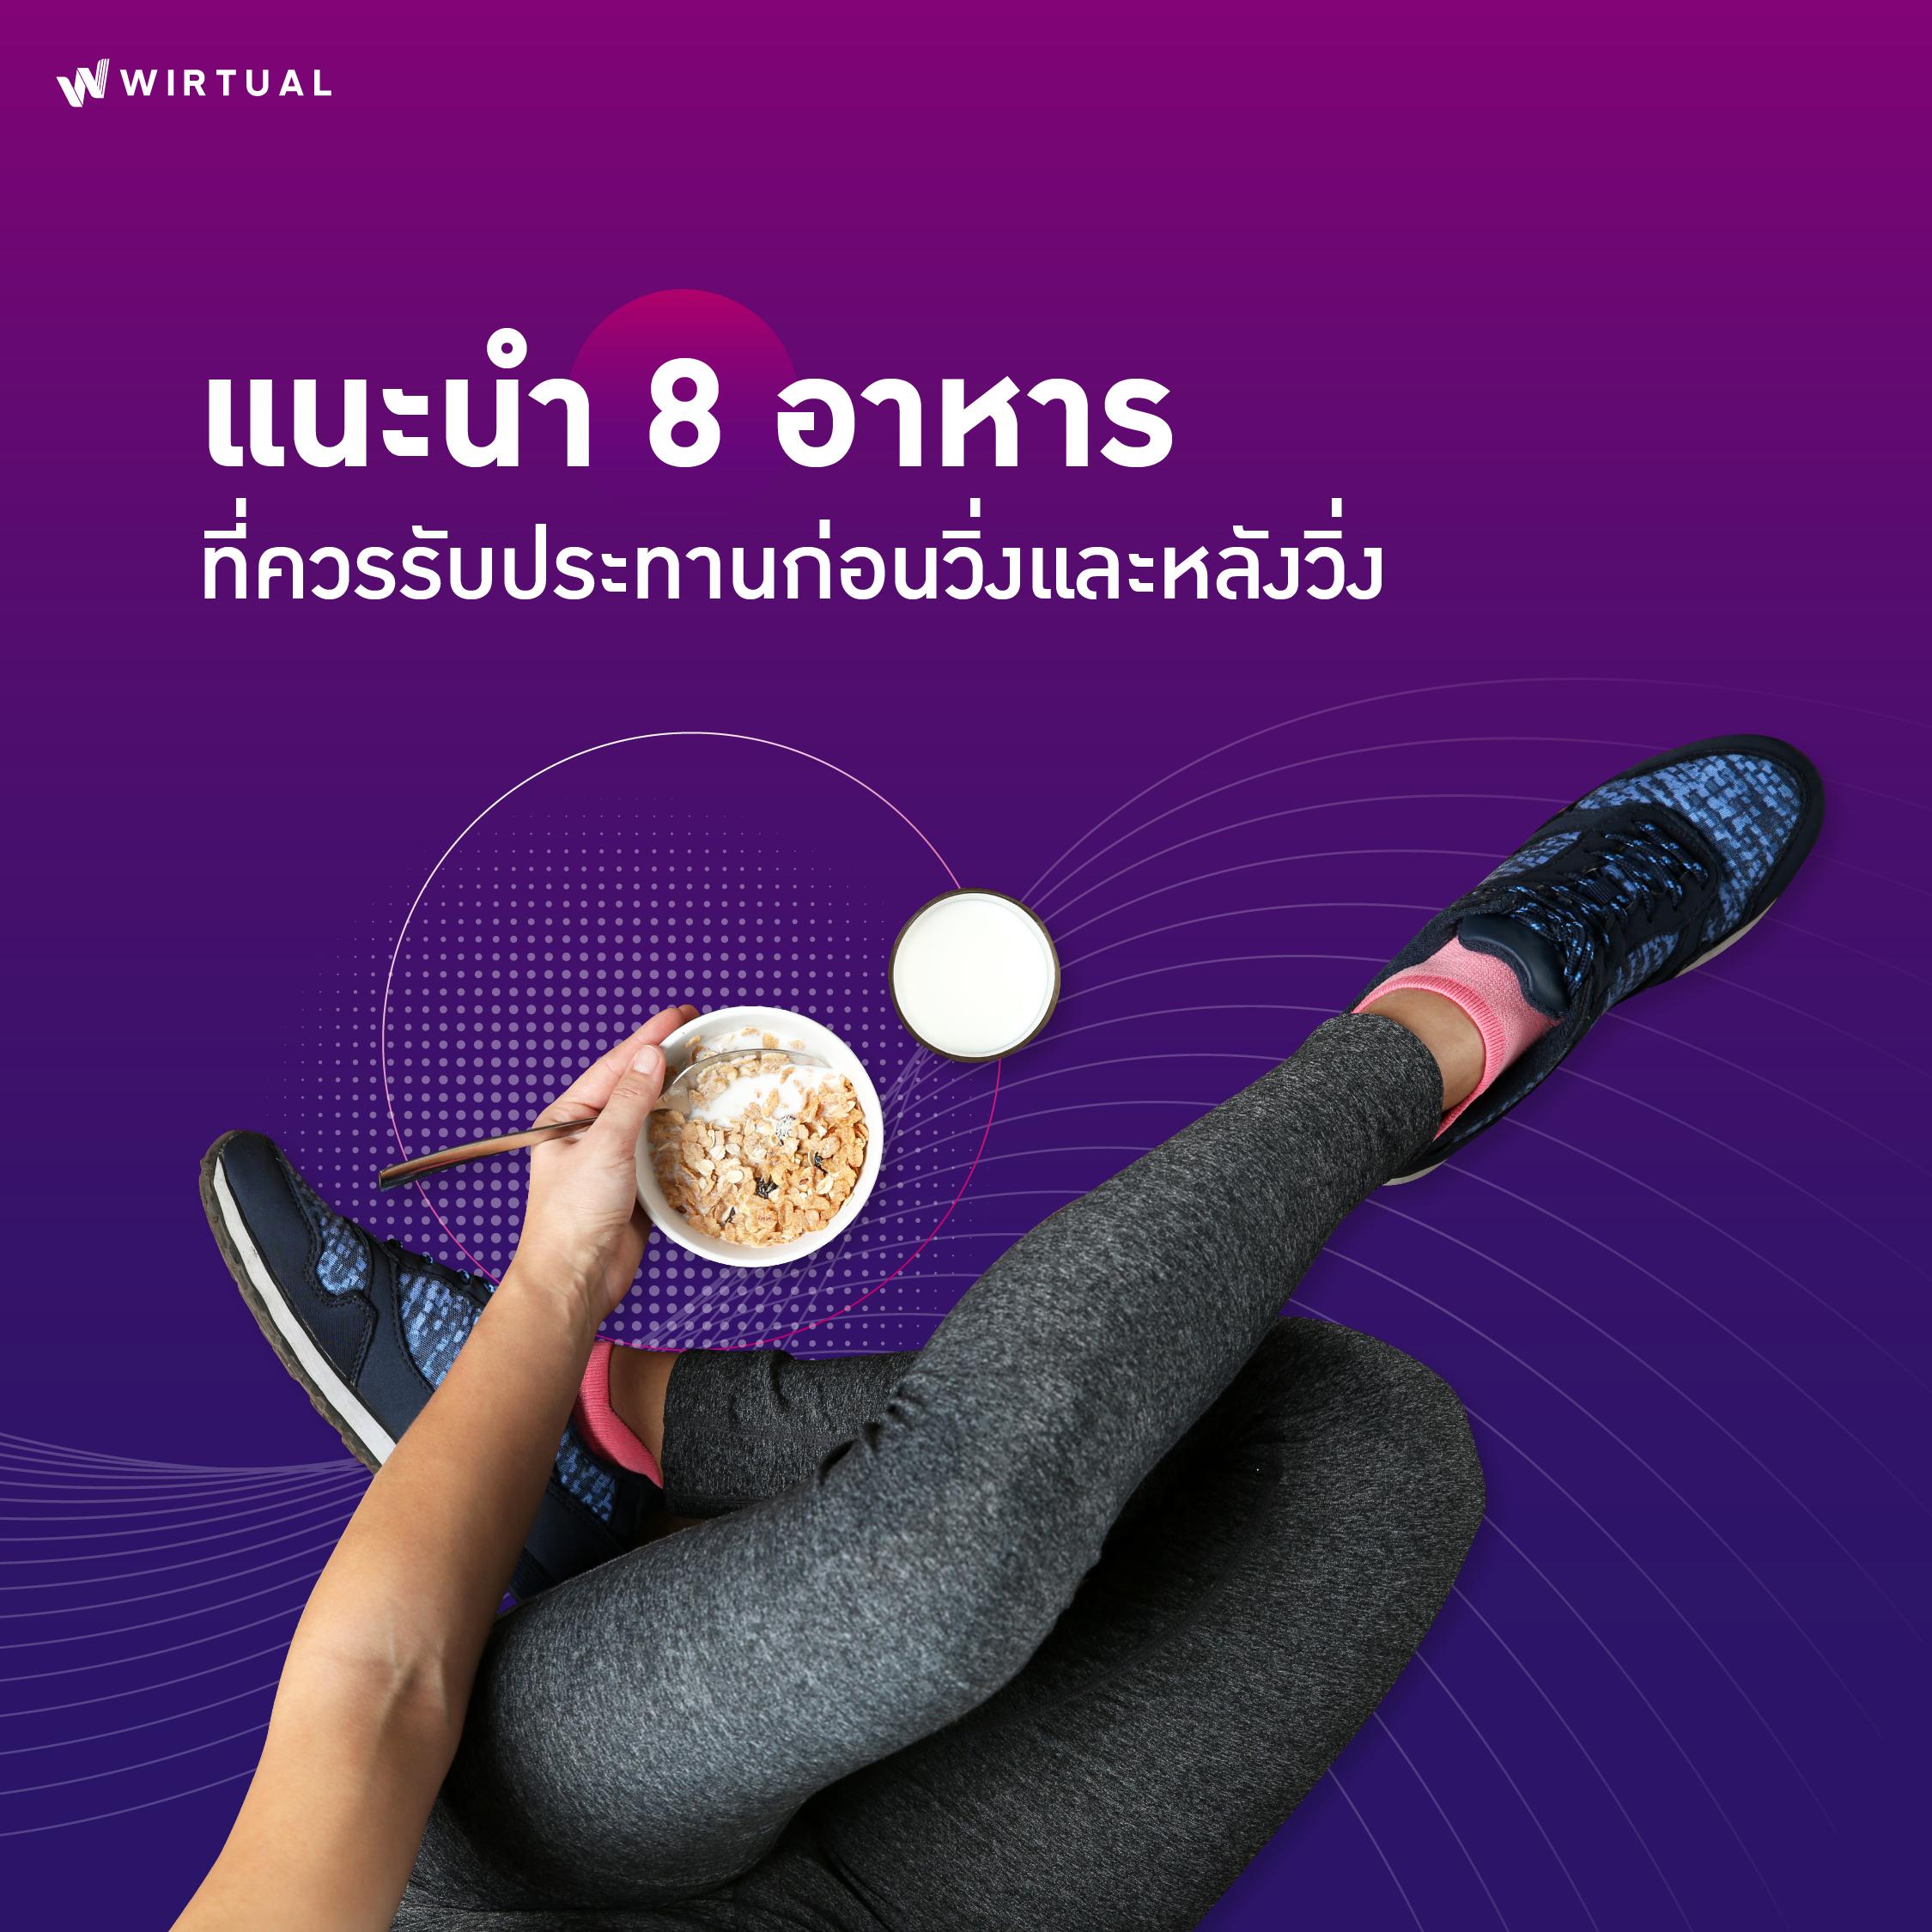 แนะนำ 8 อาหารที่ควรรับประทานก่อนวิ่งและหลังวิ่ง